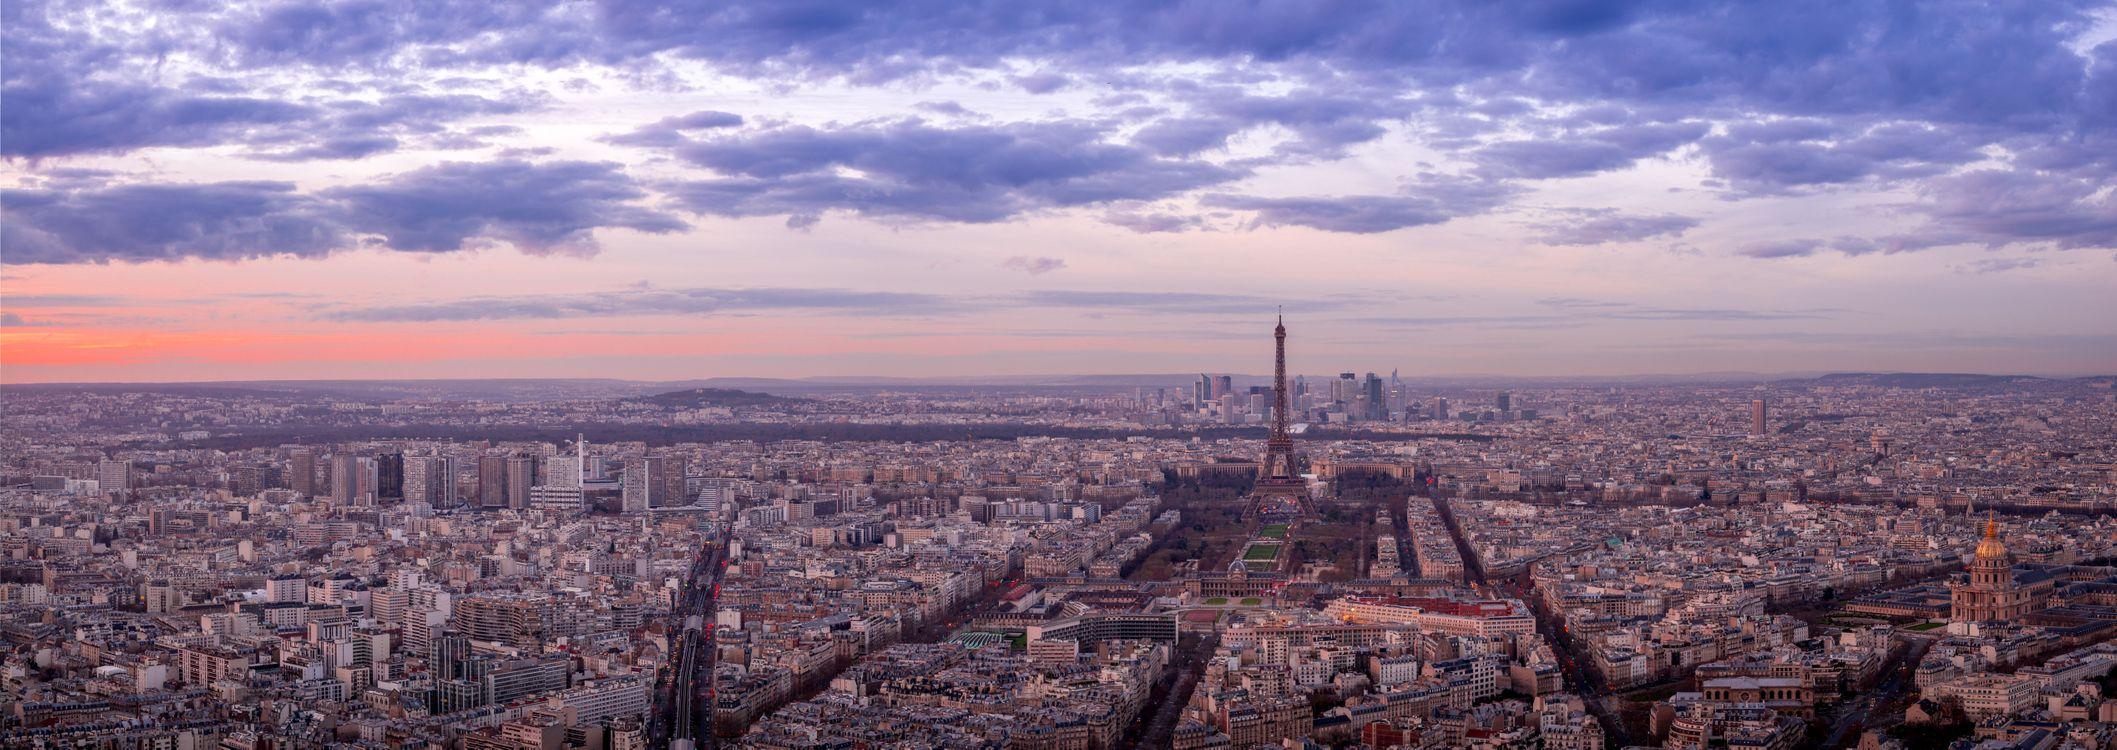 Обои Париж, Франция закат, панорама картинки на телефон